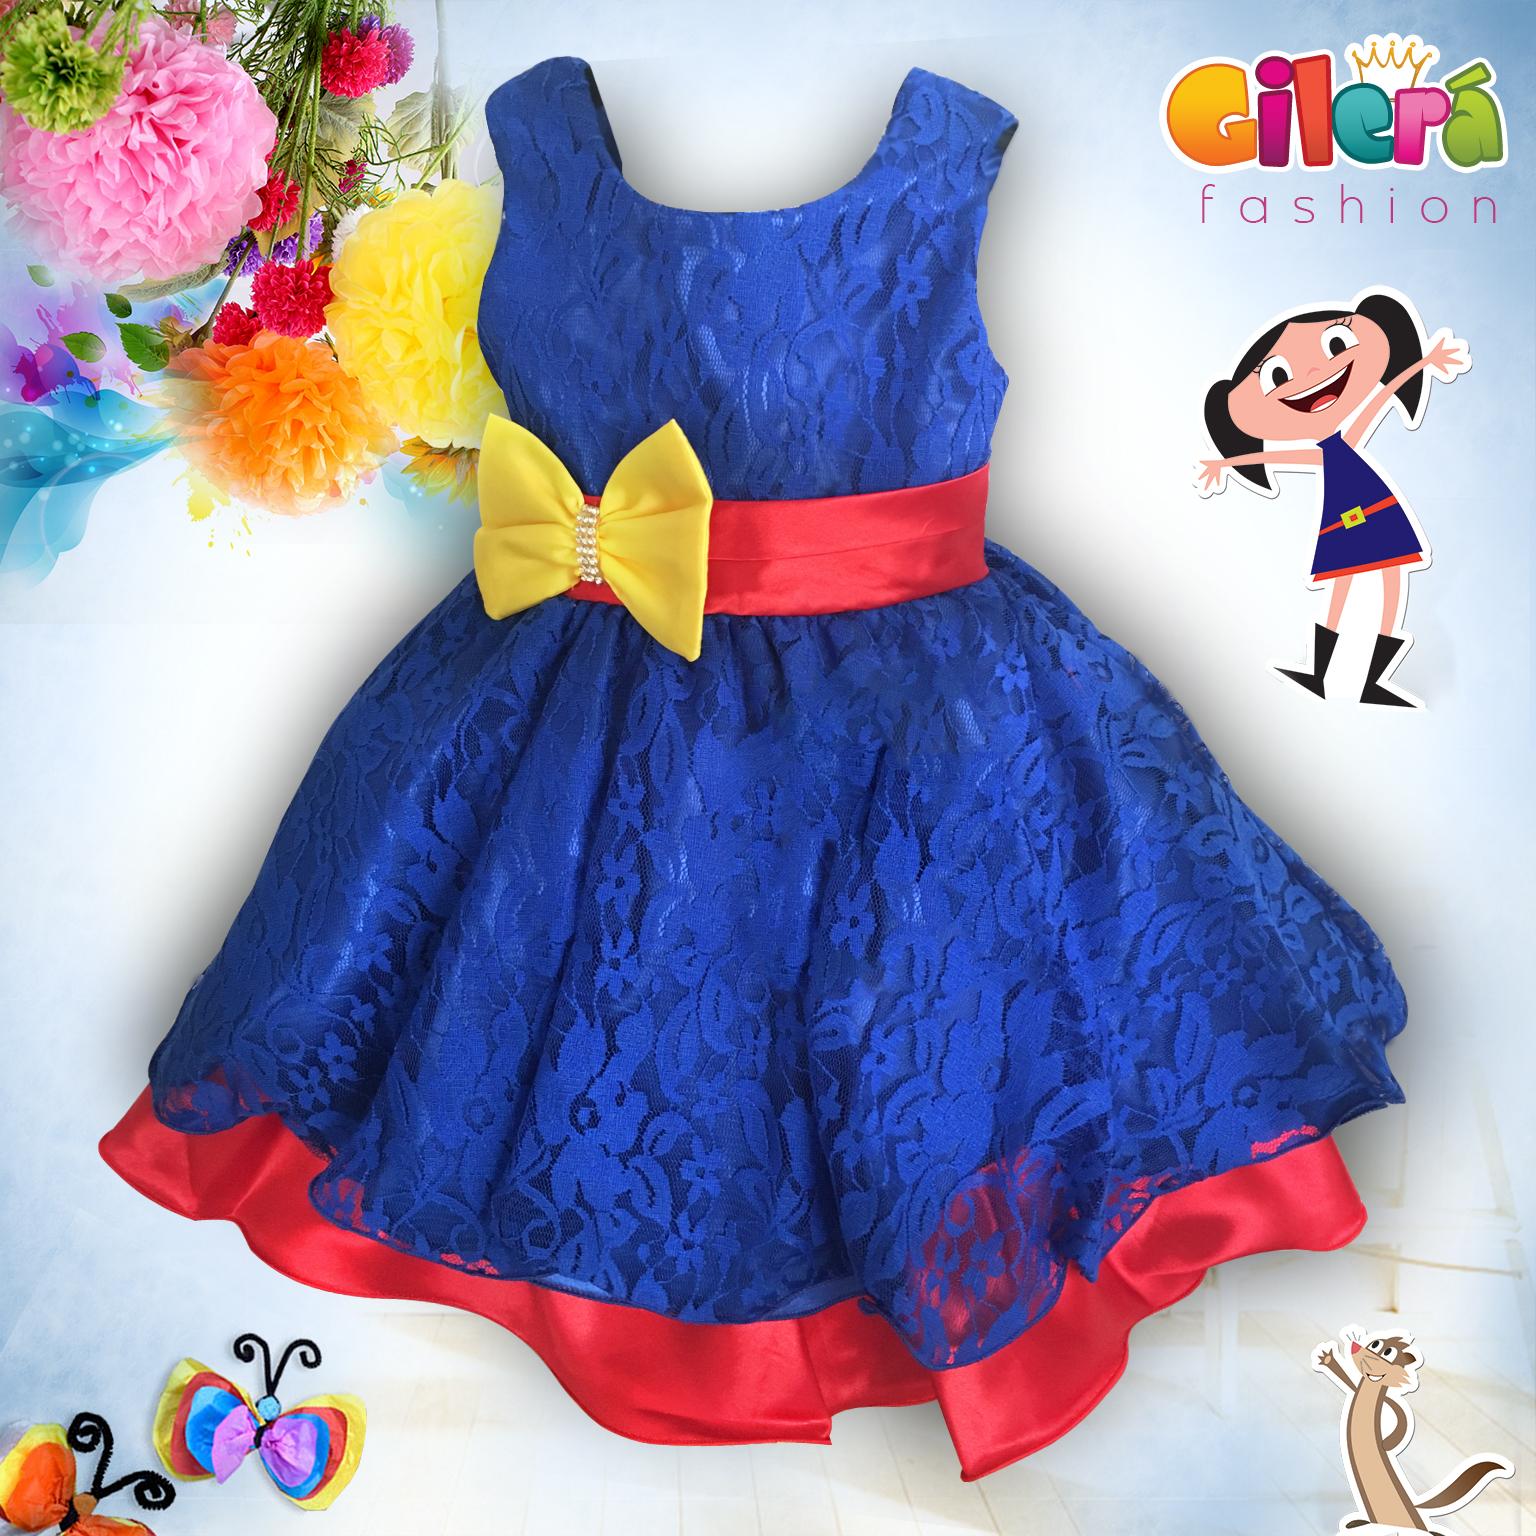 422184a83d4 Infantil - Coleção de Gilerá Fashion ( gilerafashion)